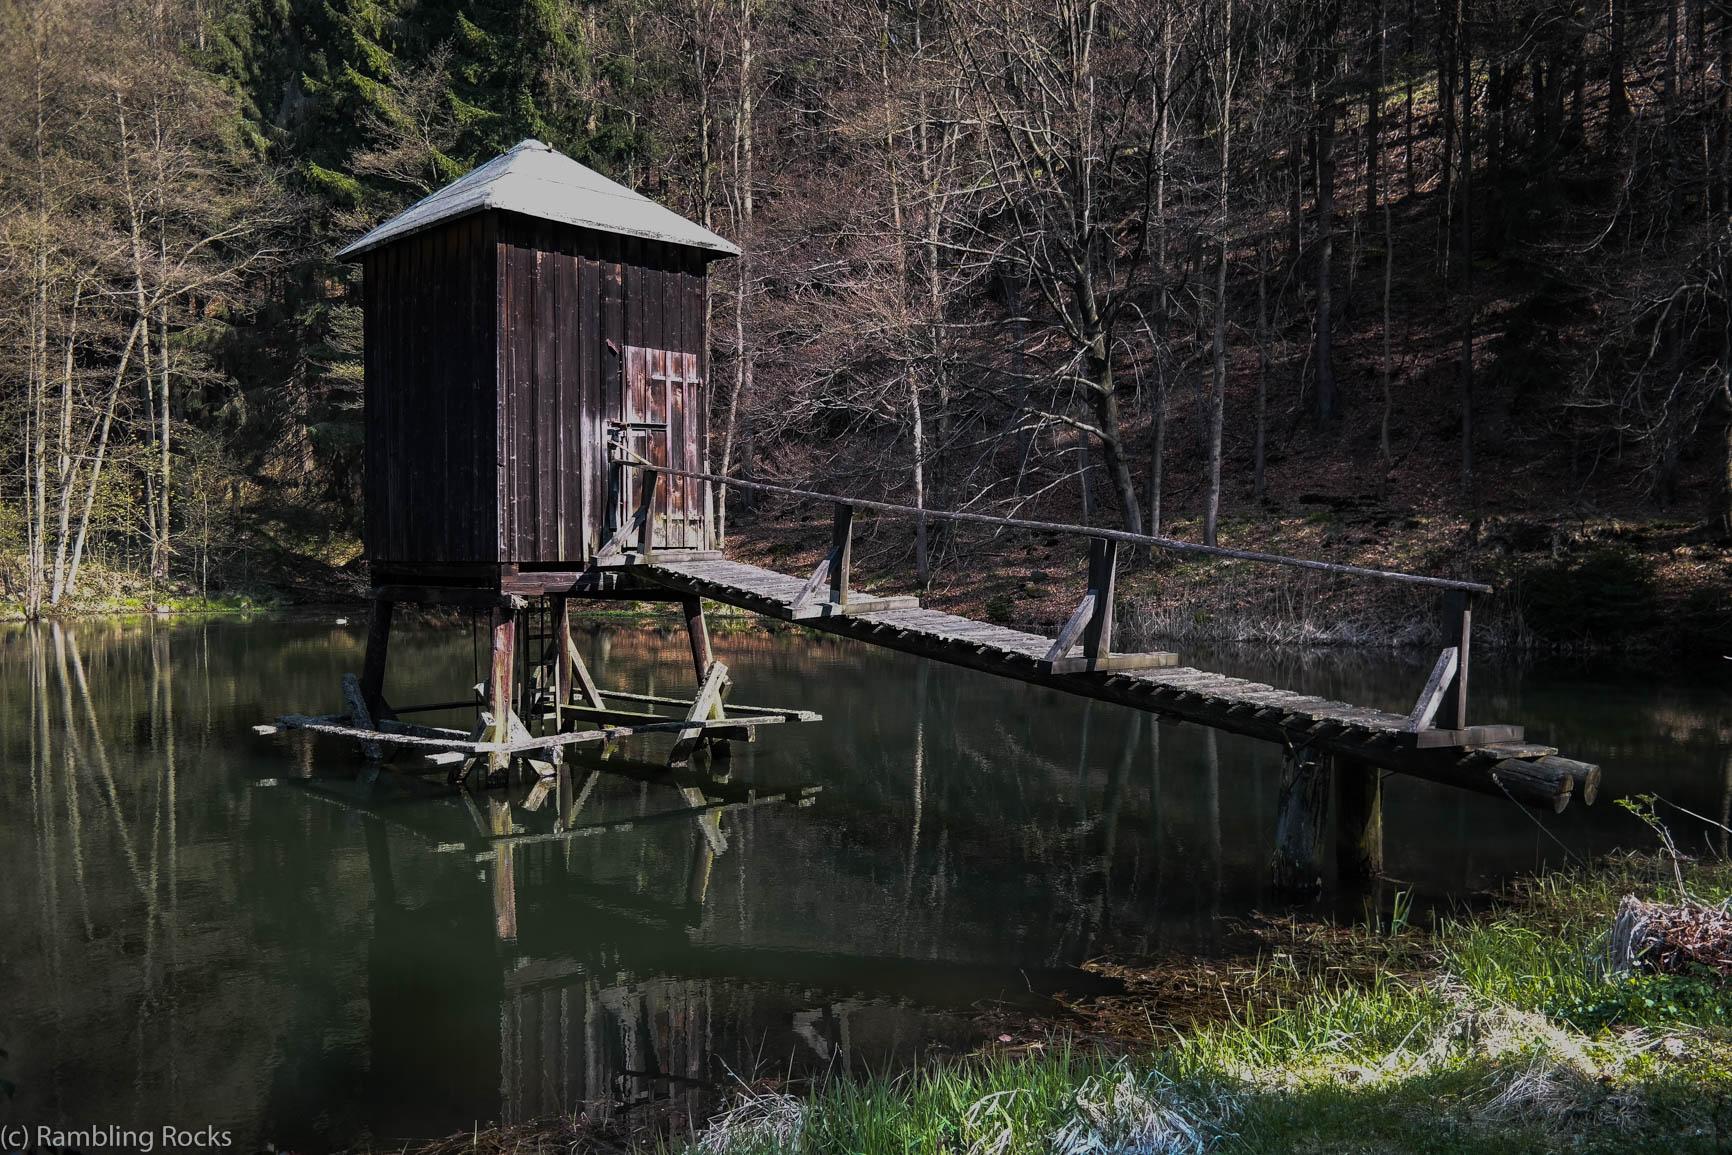 Striegelhaus im Harz